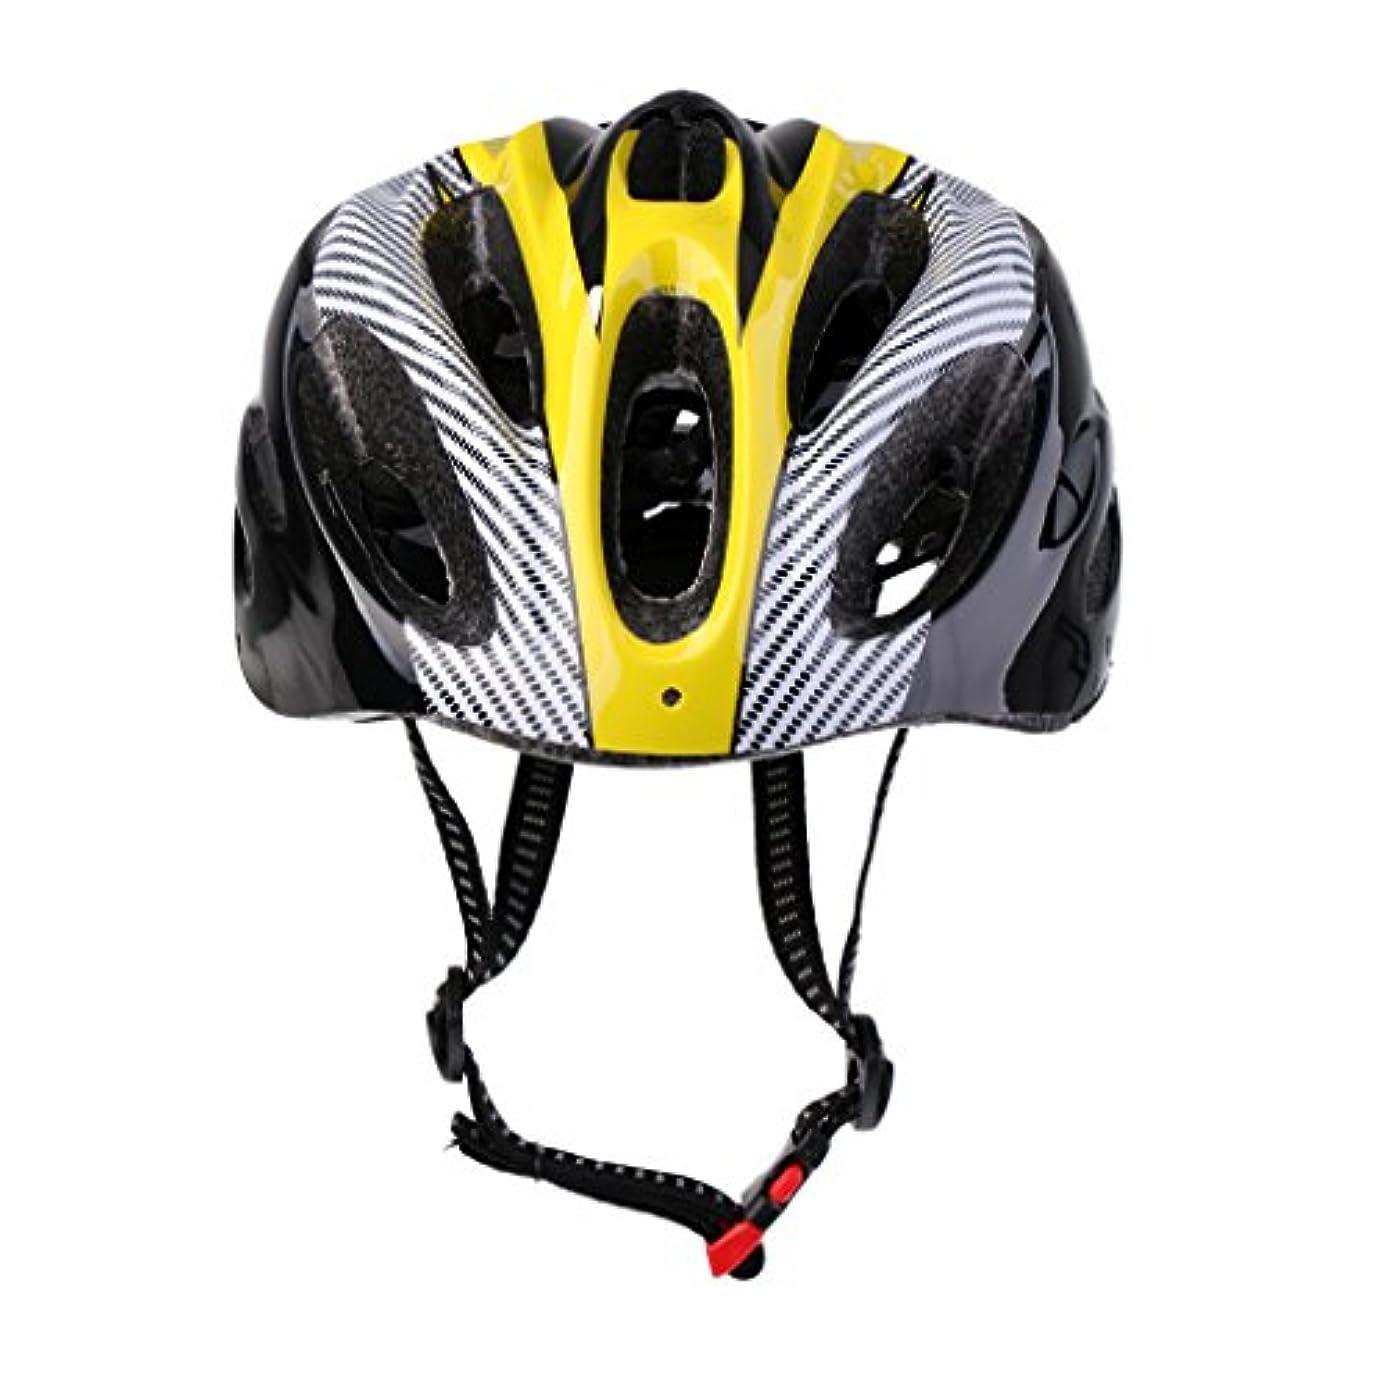 ねじれ守るスペードFenteer 軽量 快適 ロードバイク マウンテンバイク サイクリング 自転車 安全 保護 ヘルメット